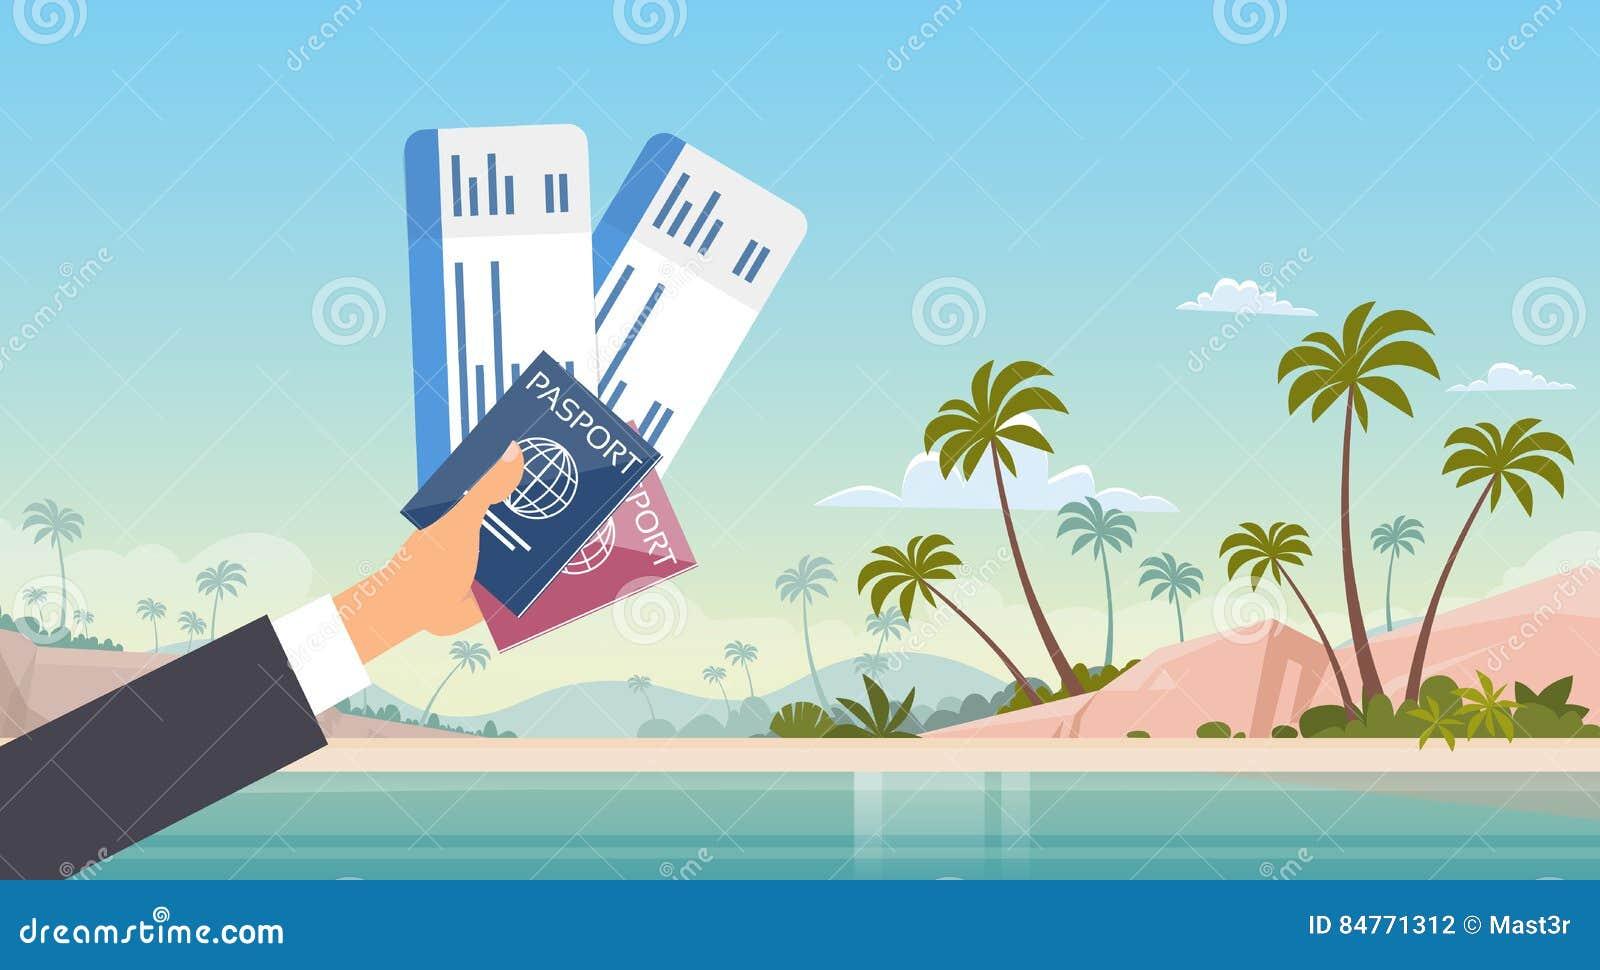 Υπόβαθρο παραλιών θάλασσας διακοπών παραλιών ταξιδιωτικών εγγράφων περασμάτων τροφής εισιτηρίων εκμετάλλευσης χεριών